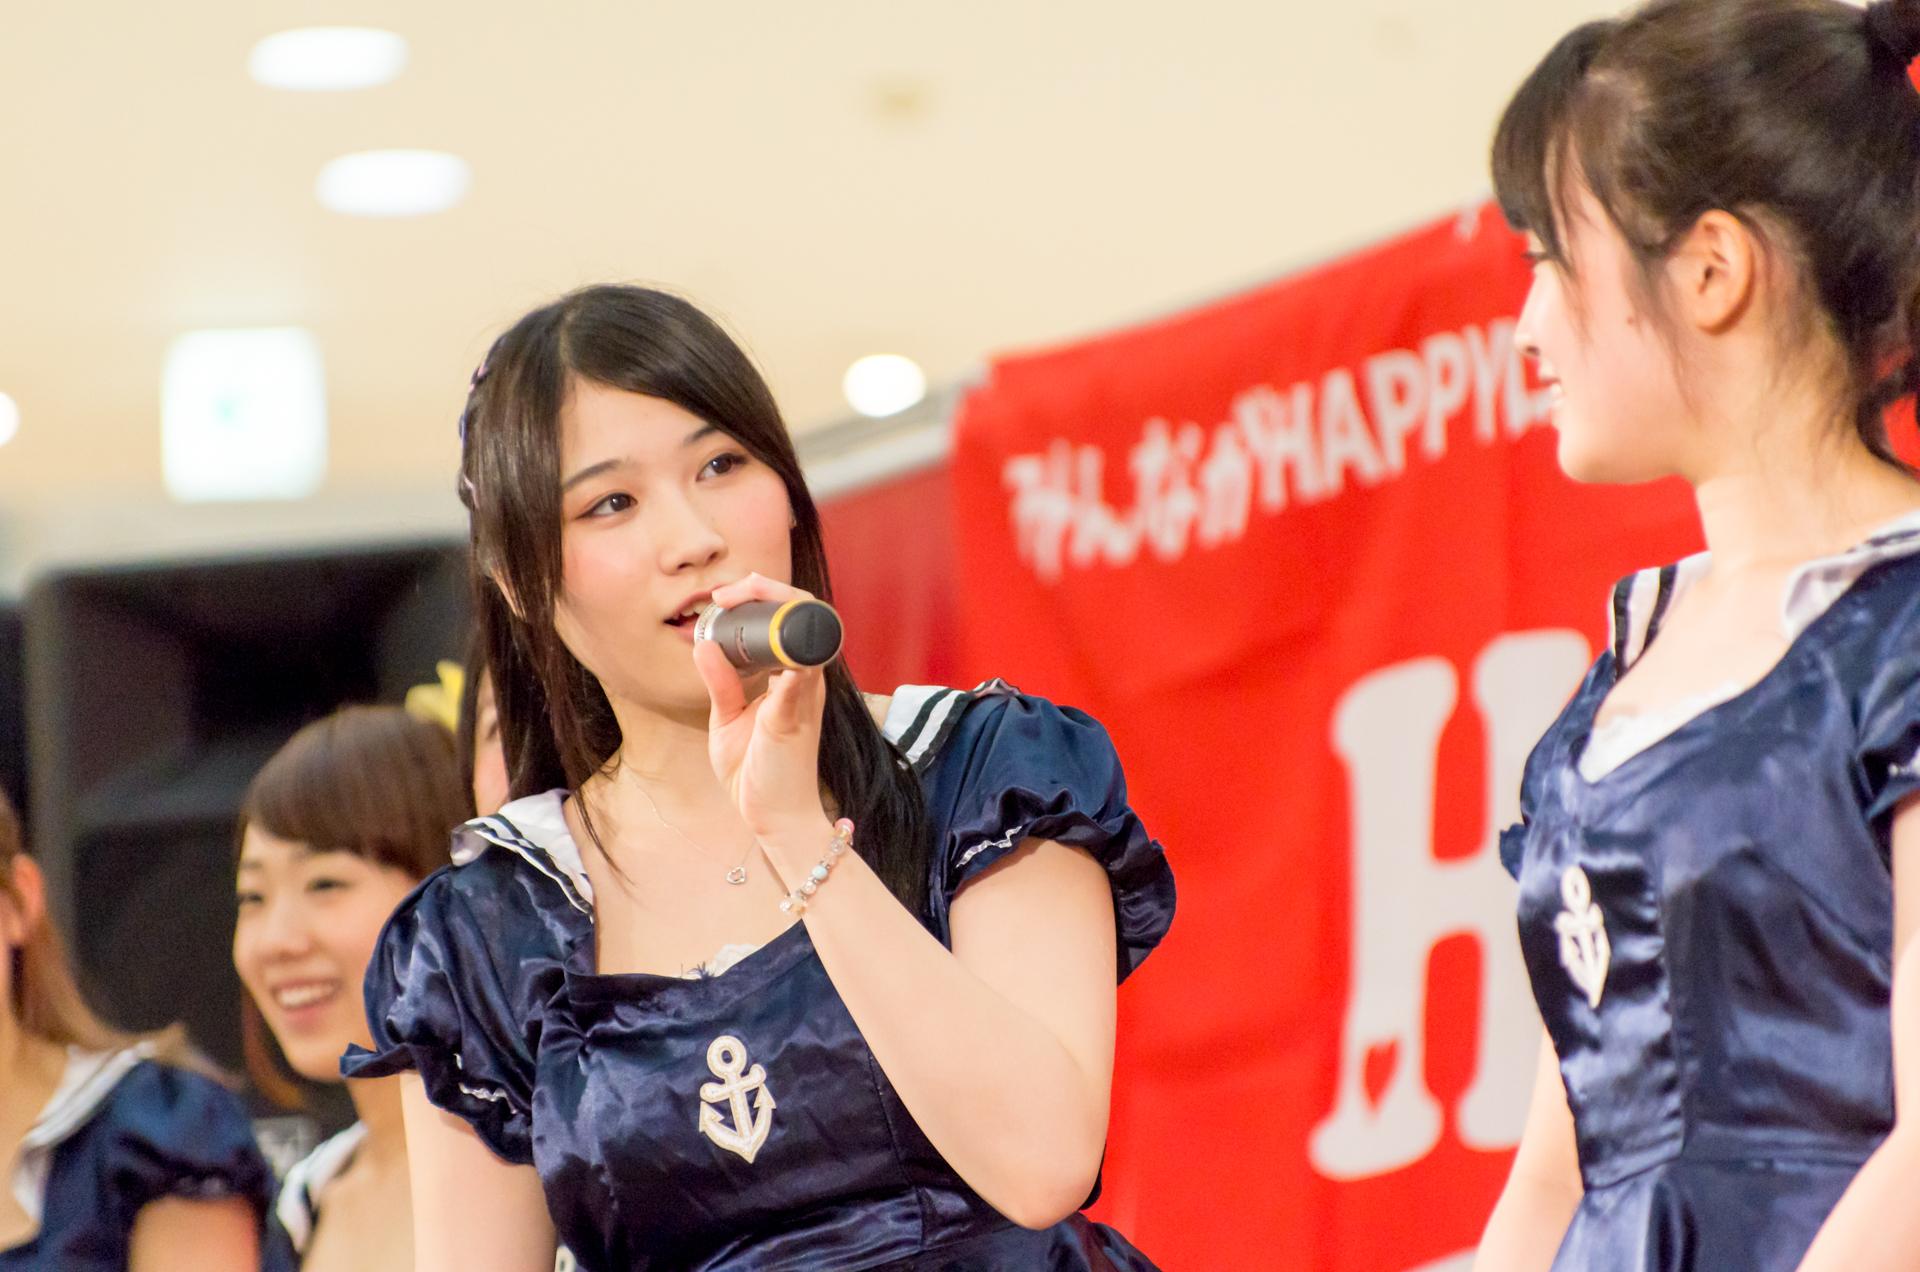 フルーティー♡ りなちる ( 藤堂理奈 )   アリオ札幌ライブプロマンスリーライブ